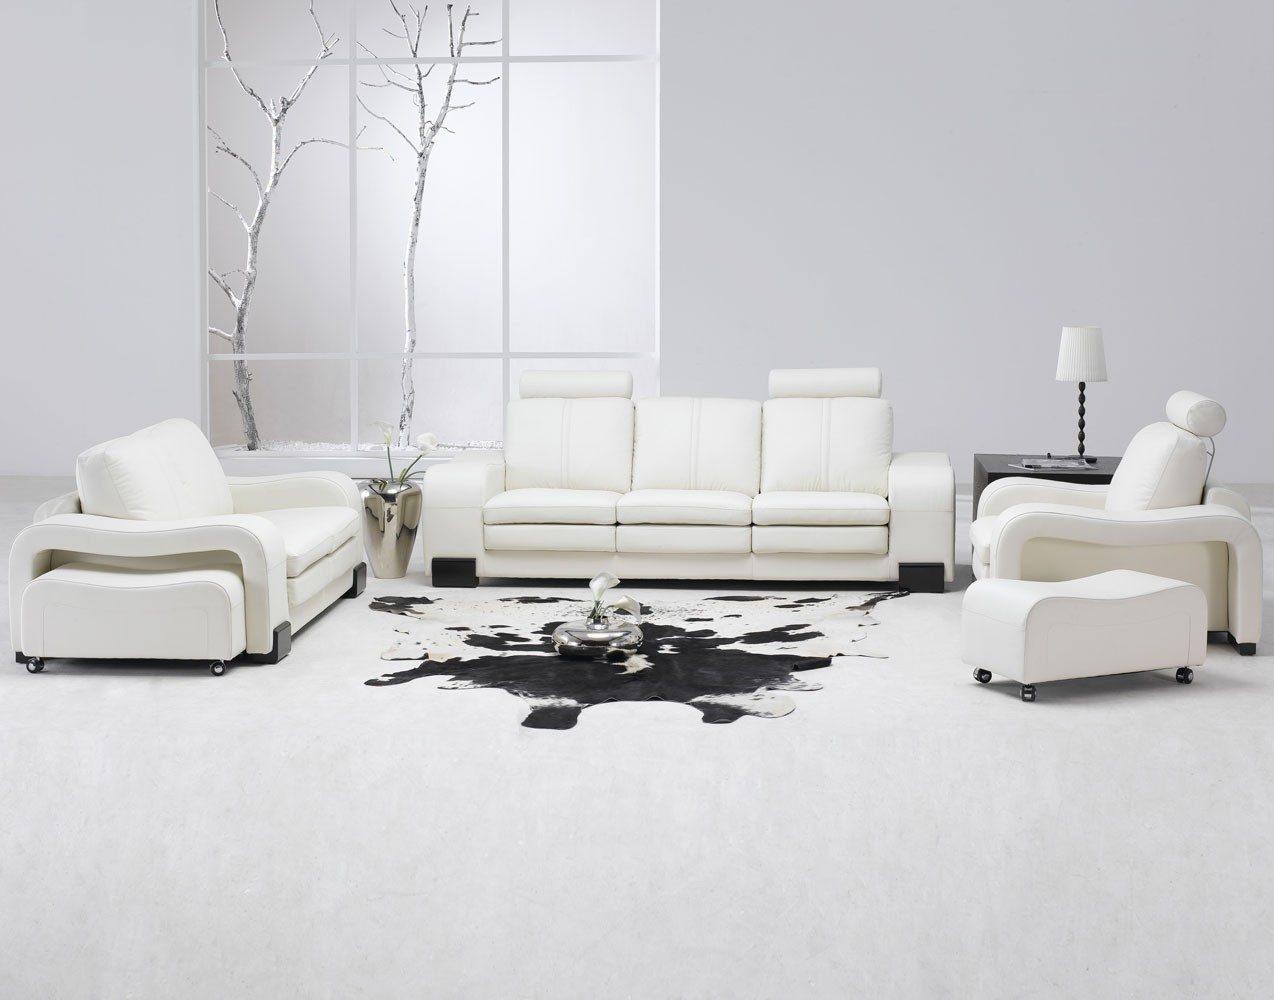 estilo minimalista moderno estilo minimalista moderno